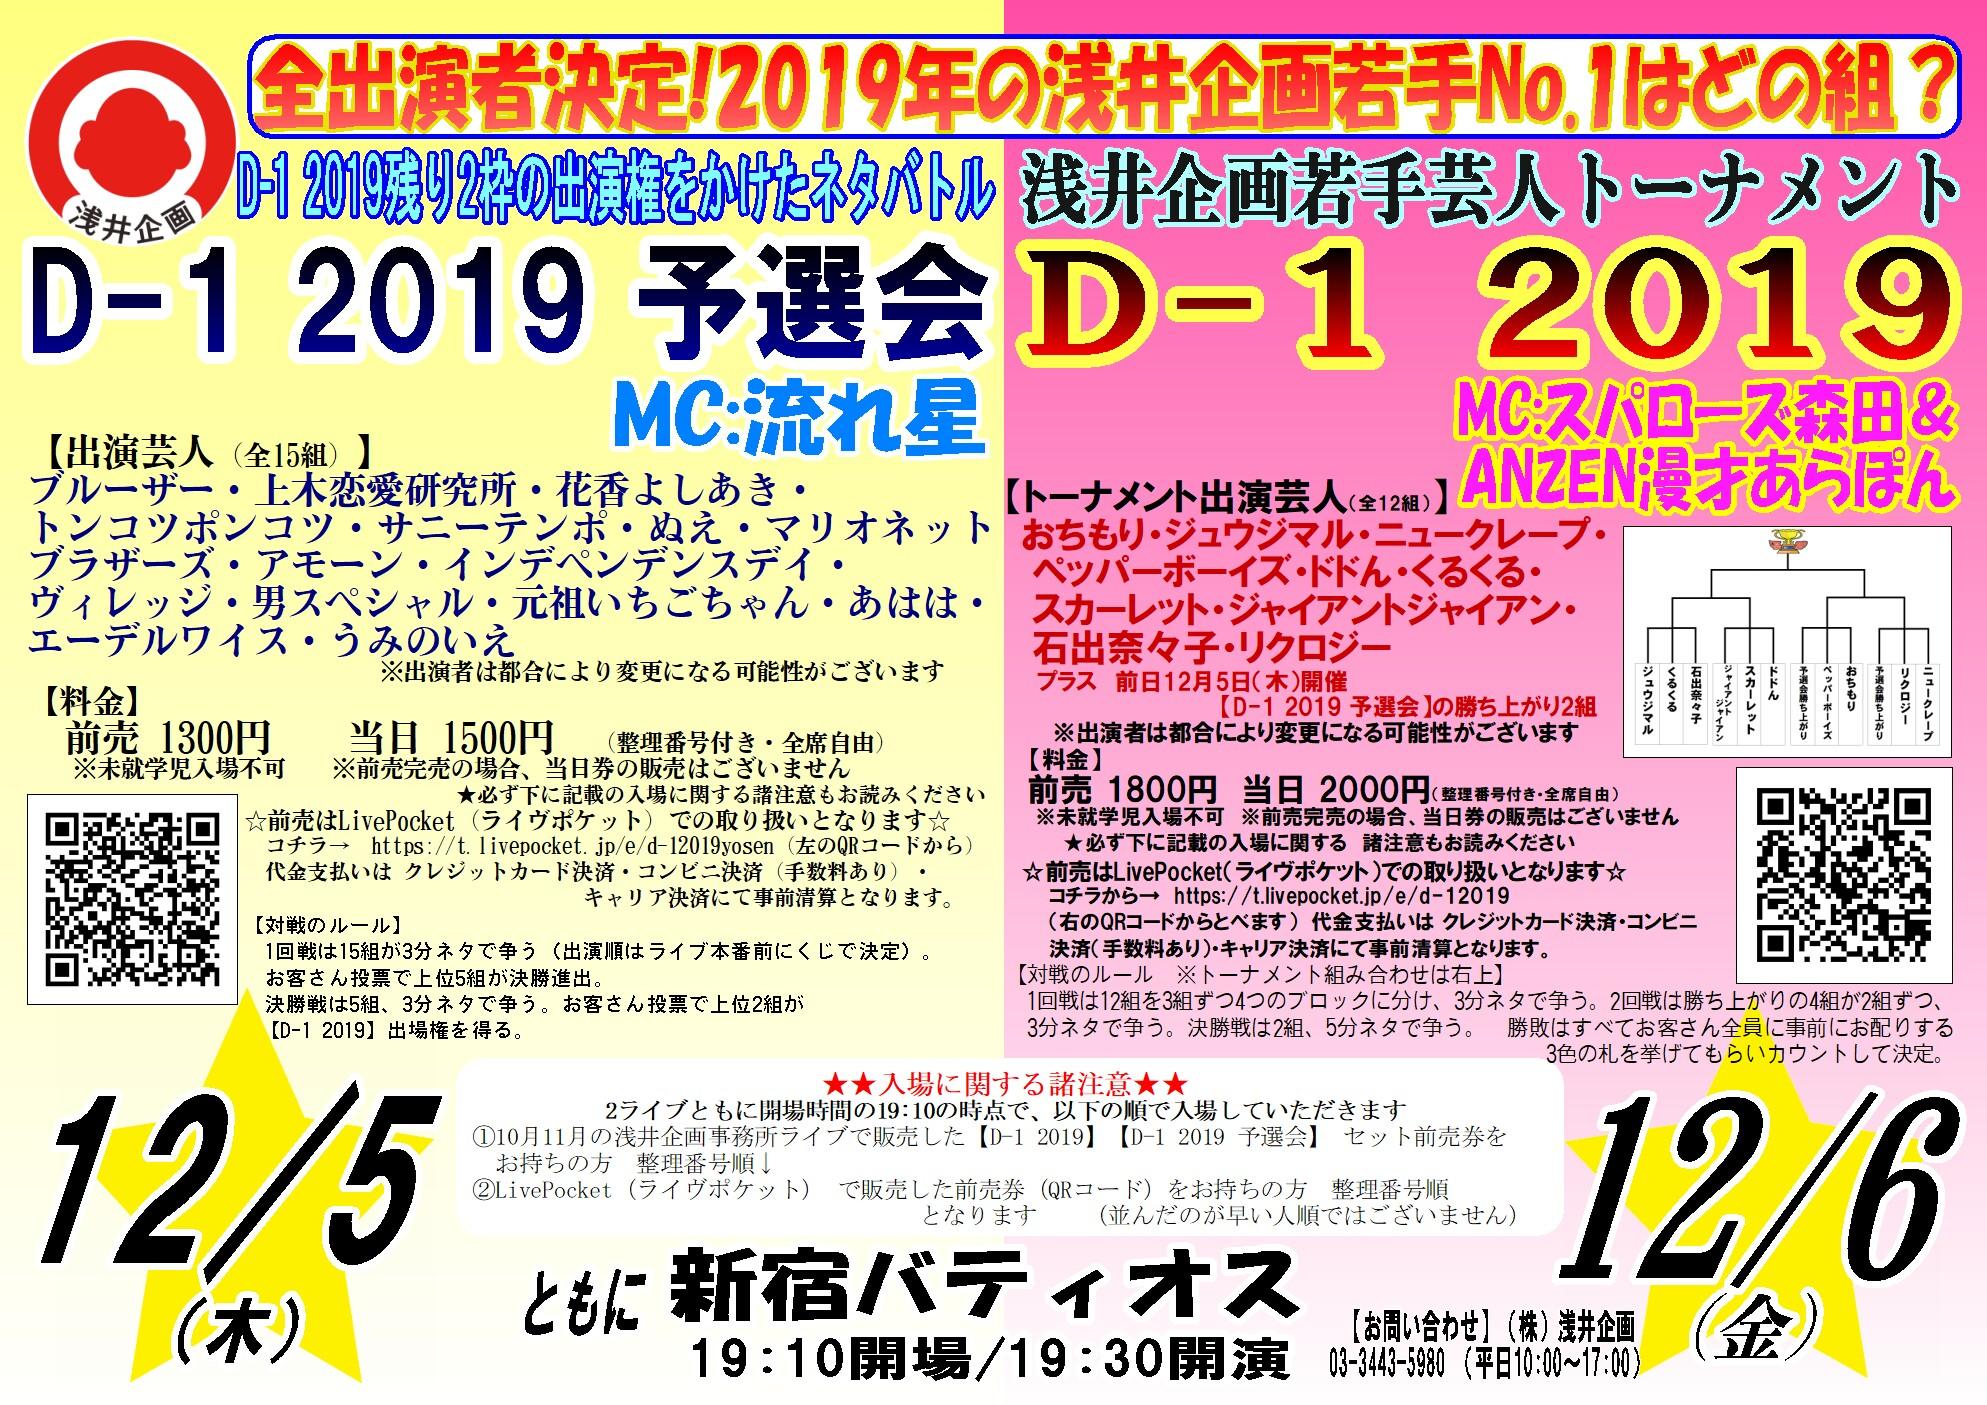 『D-1 2019 予選会』浅井企画主催お笑いライブ